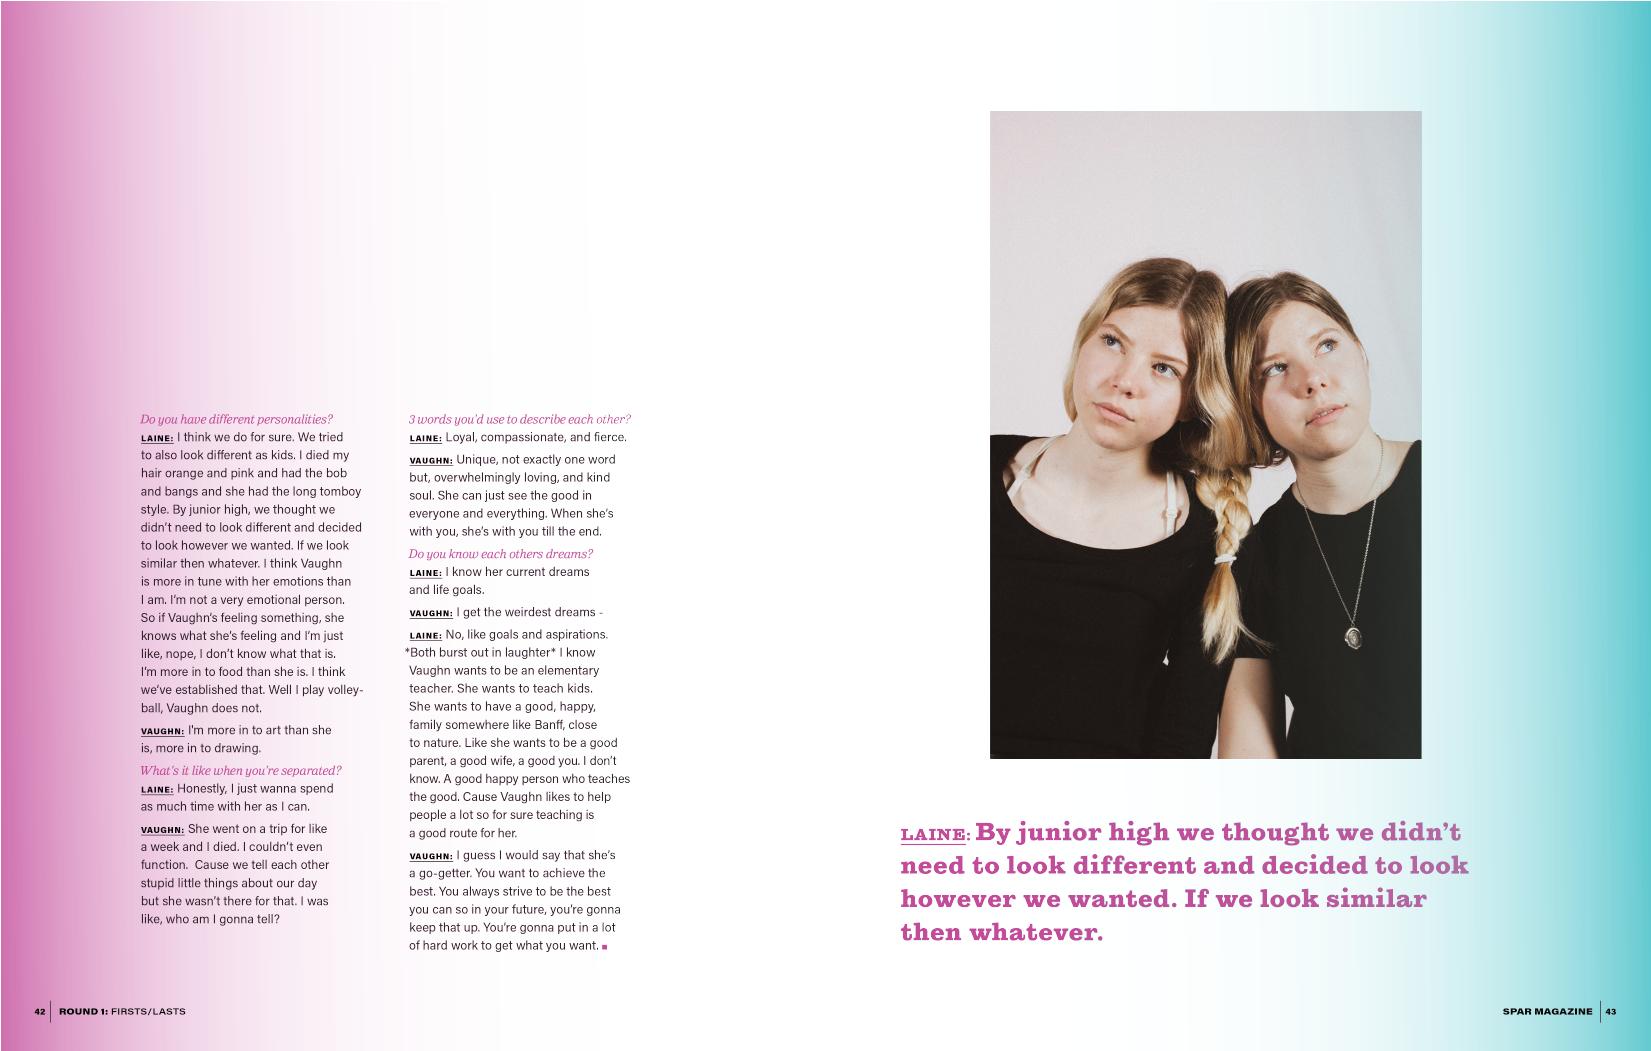 spar_magazine_feature_sm-04.png